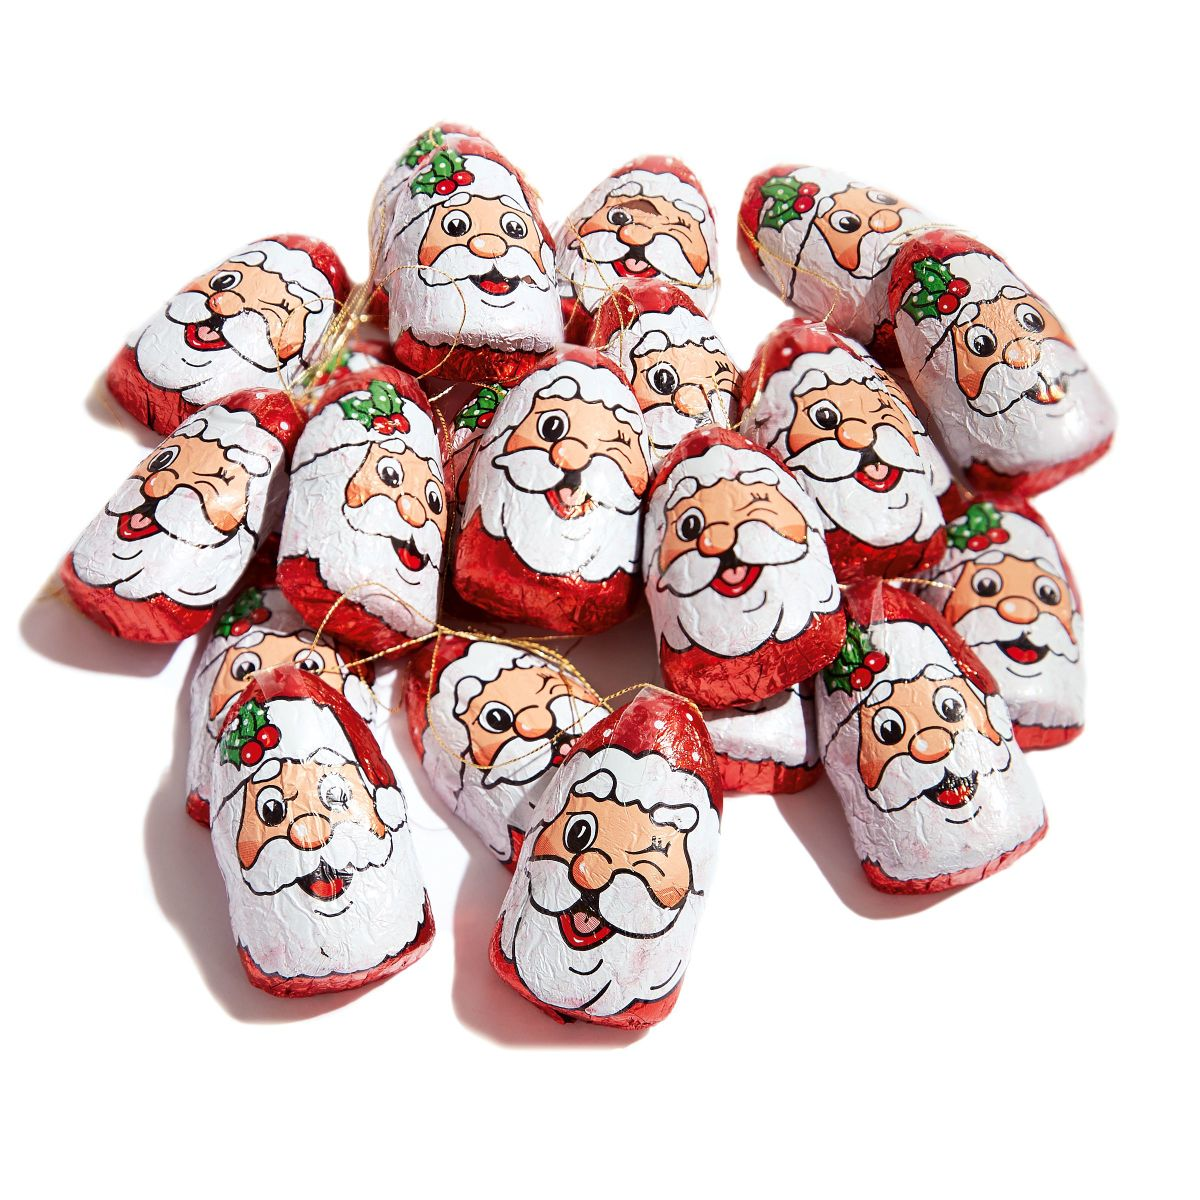 Schoko Weihnachtsmänner